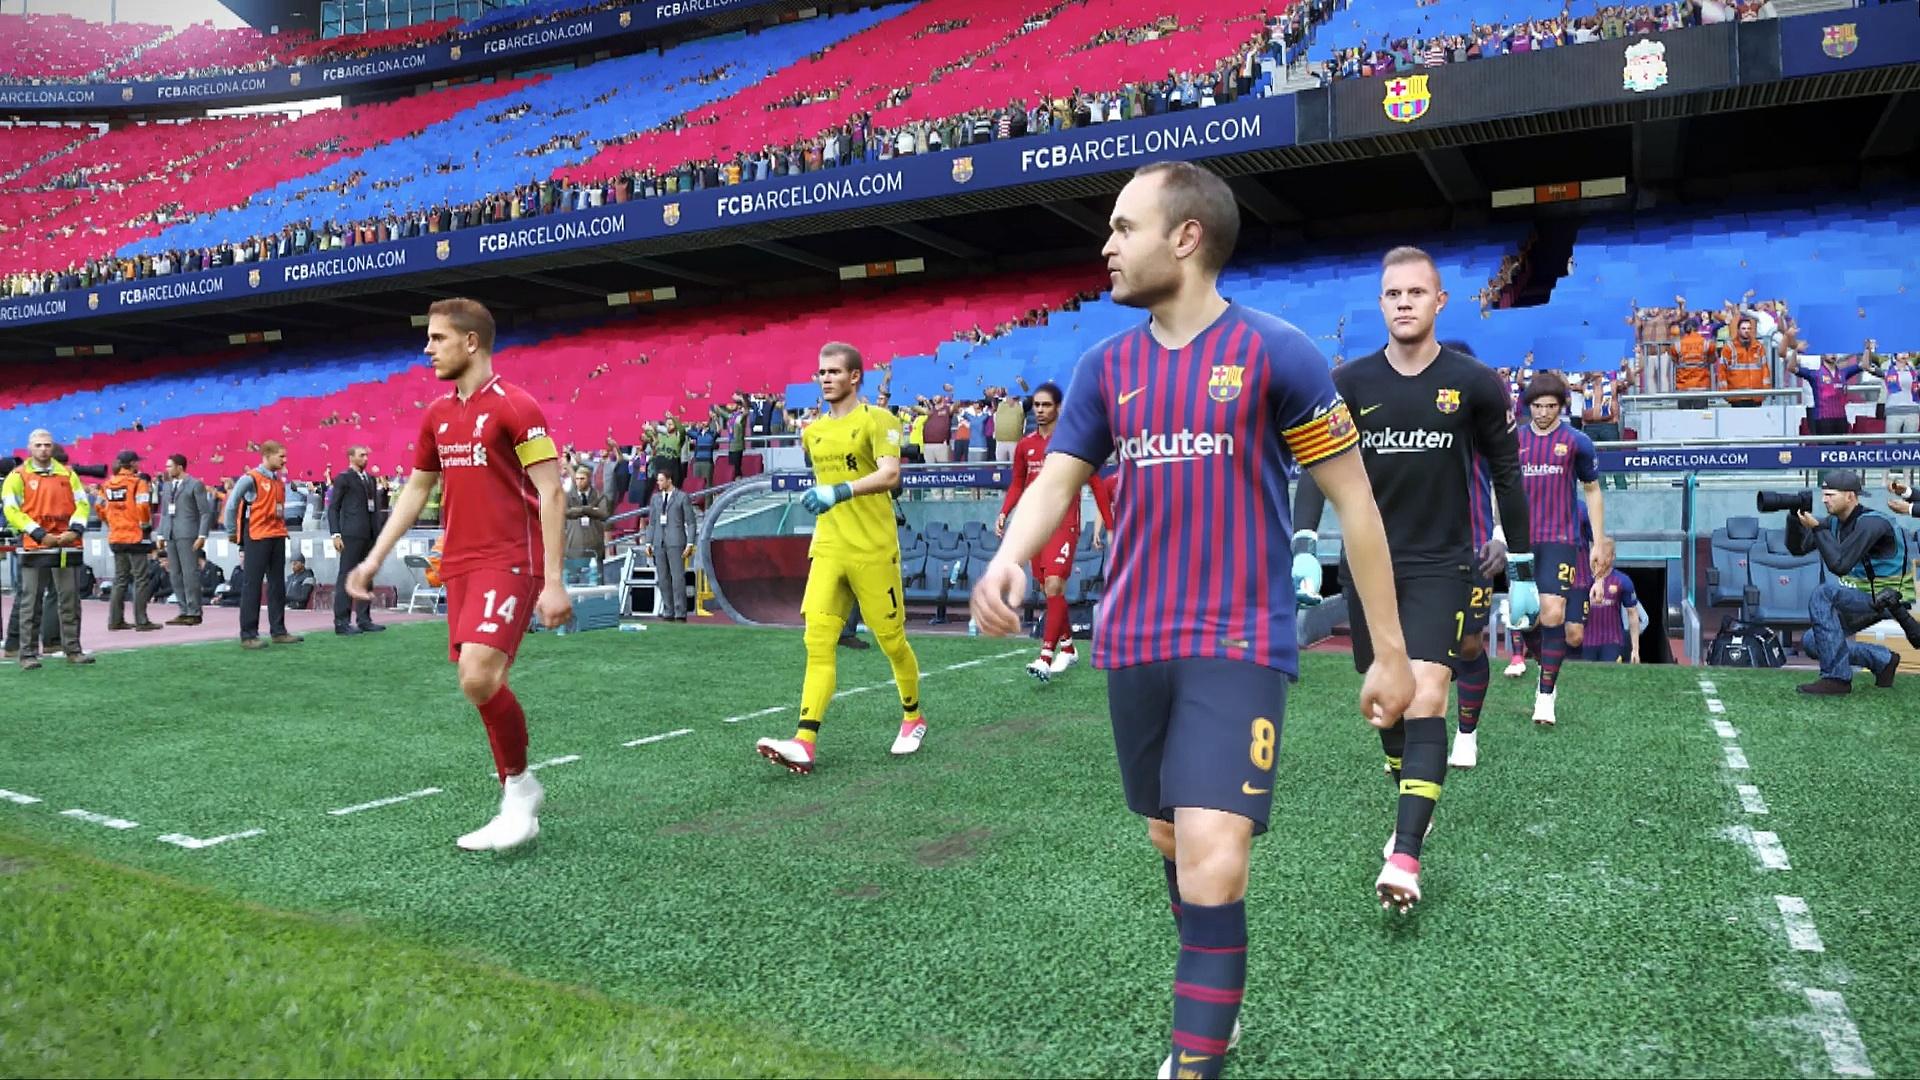 PES 2019 Barcelona-Liverpool demo